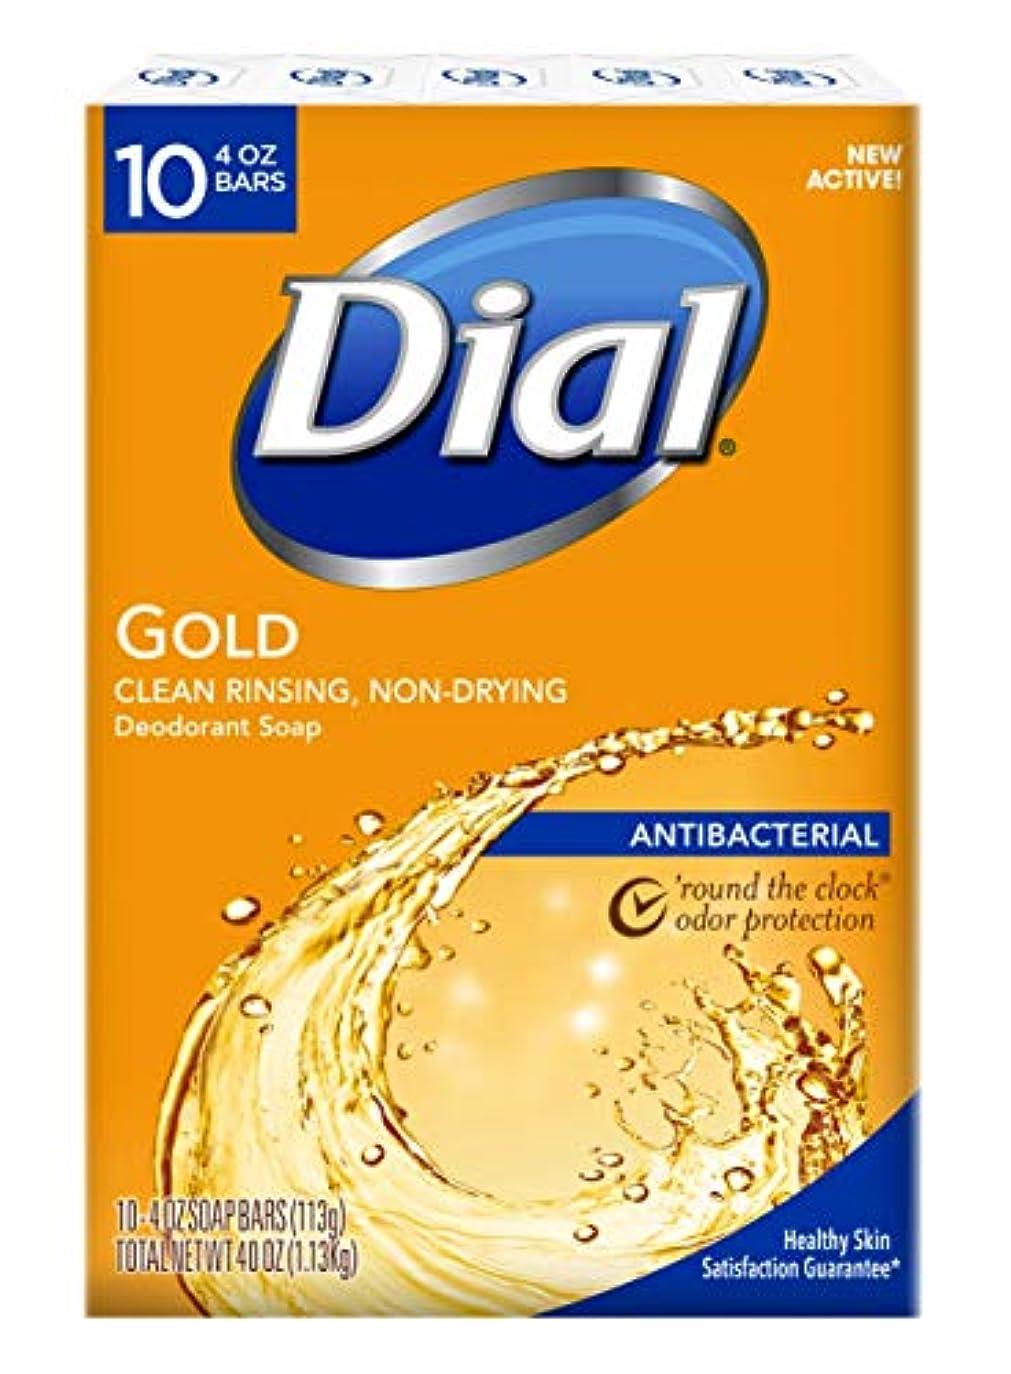 乱気流回復震えるDial Antibacterial Deodorant Bar Soap, Gold, 4-Ounce Bars, 10 Count (Pack of 3)